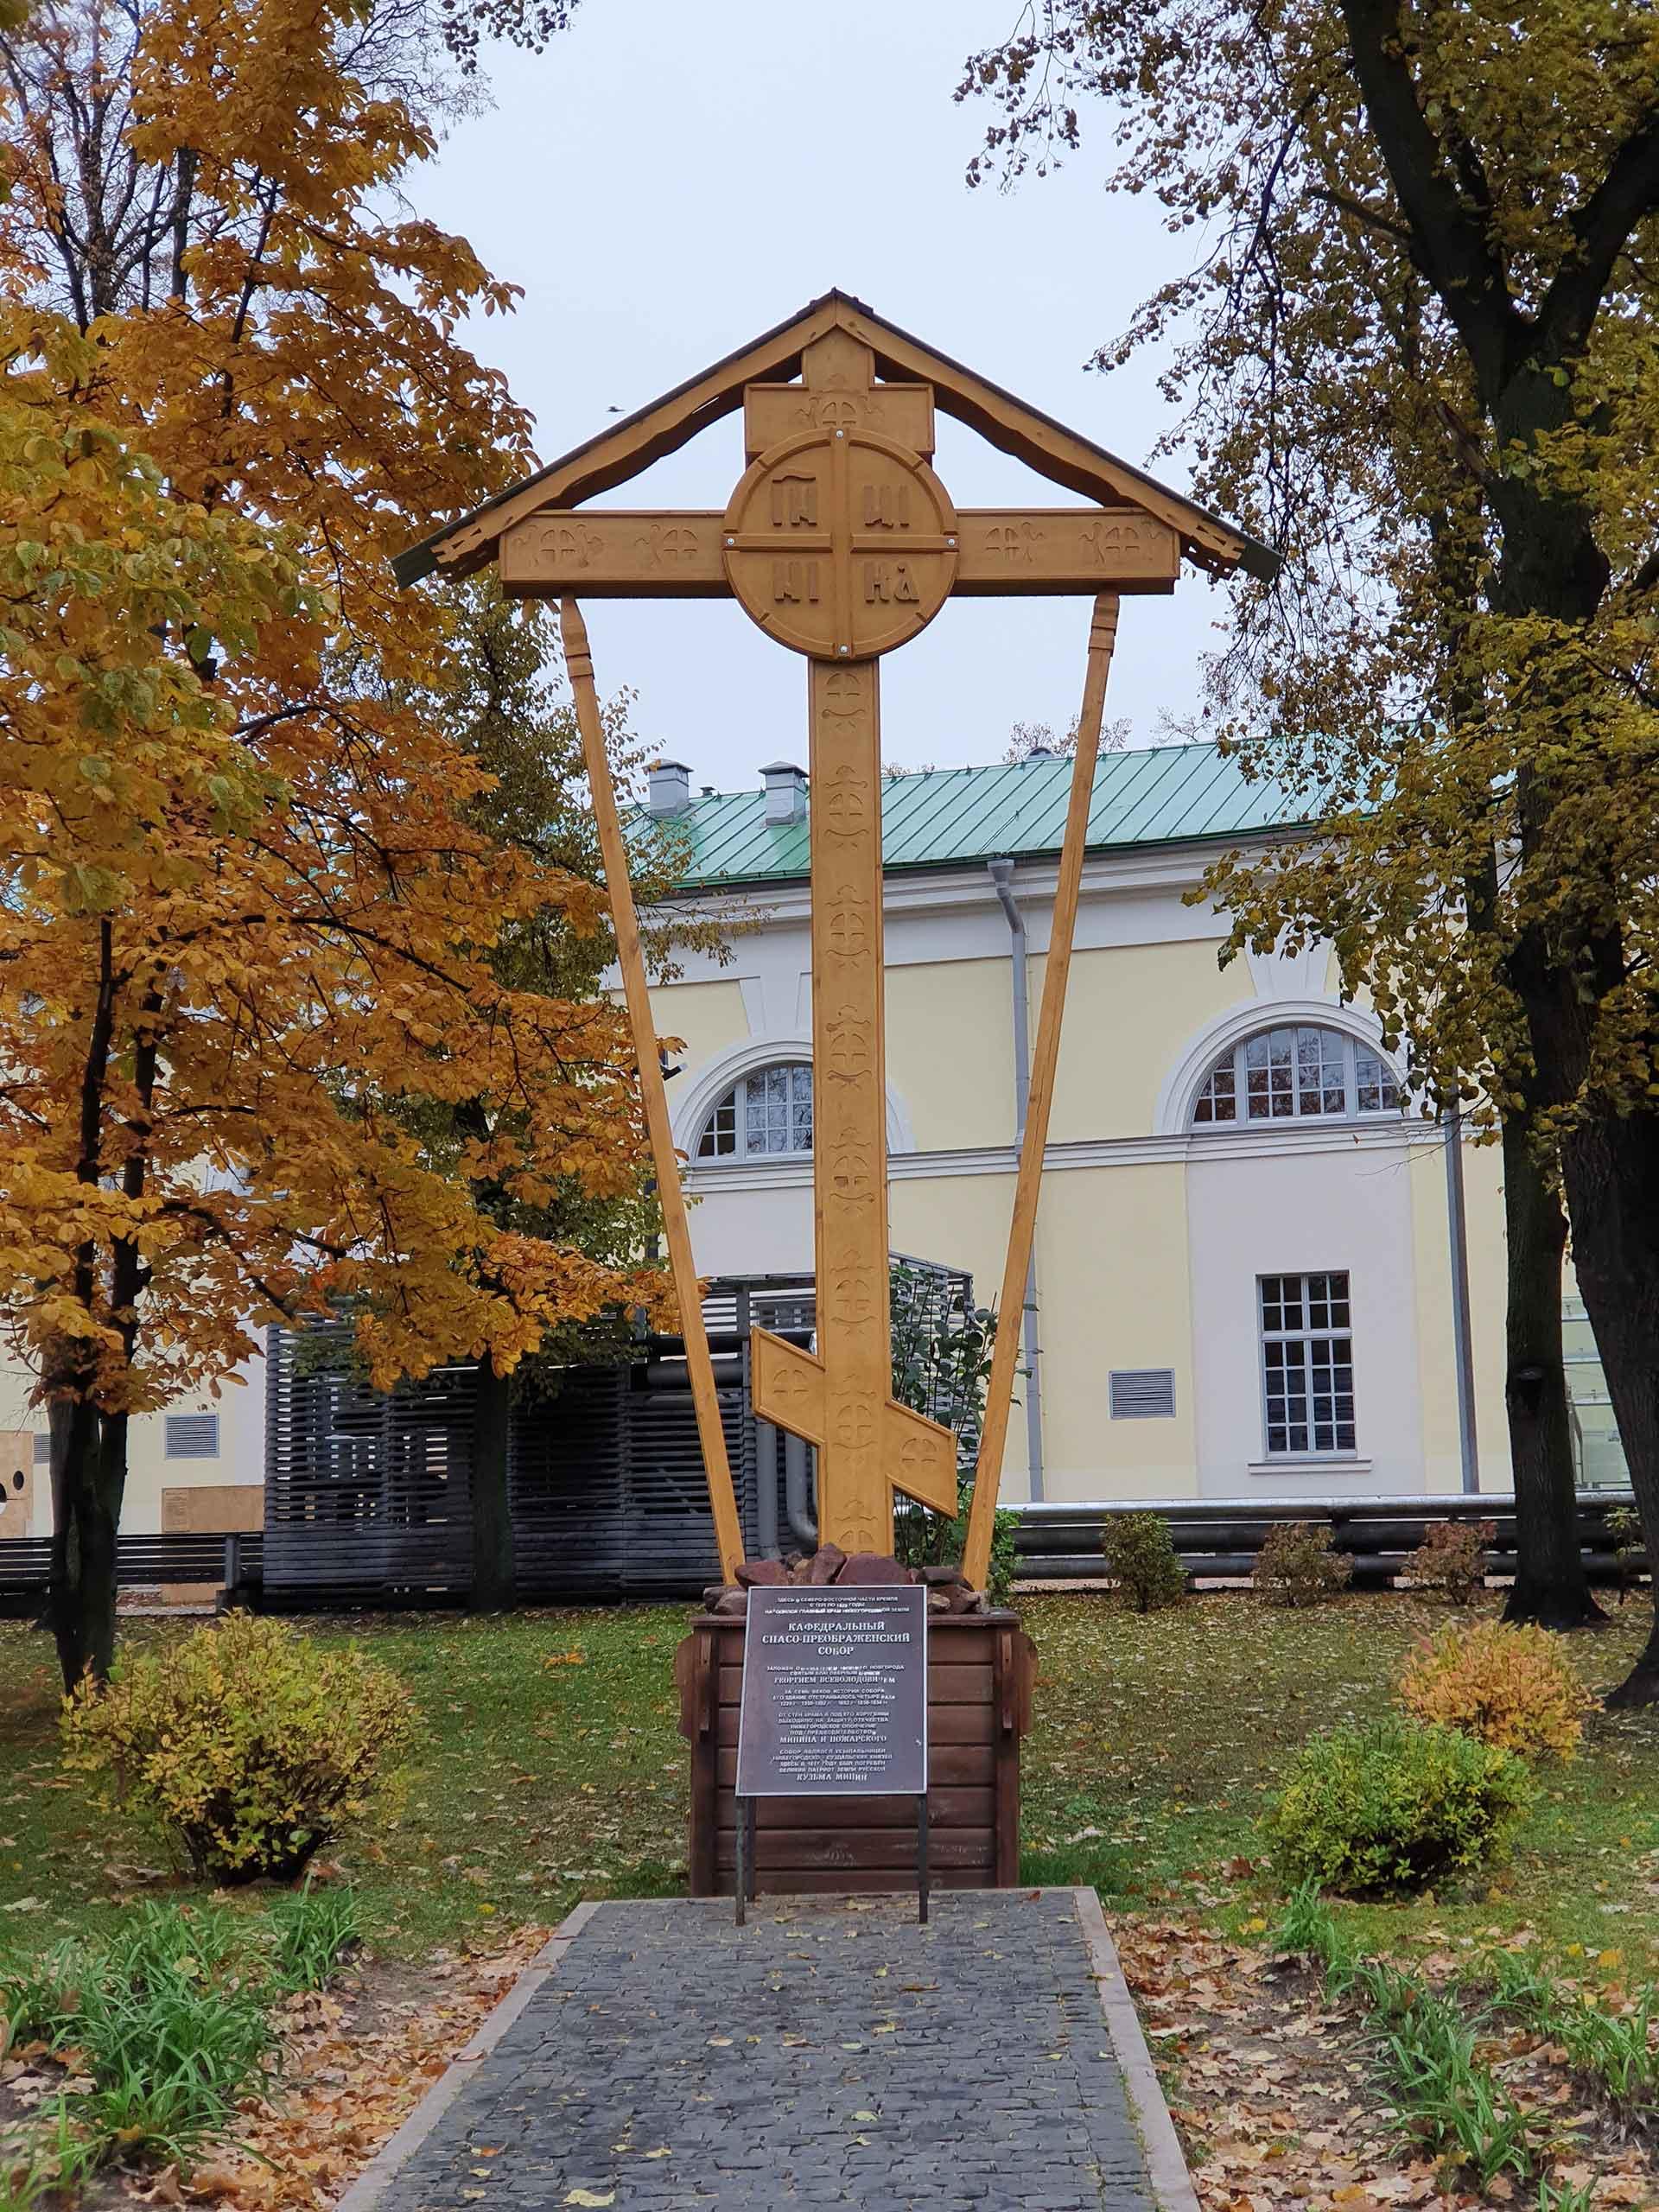 Надпись на табличке : «Здесь в северо-восточной части кремля с 1225 по 1929 годы находился главный храм нижегородской земли – Кафедральный Спасо-Преображенский Собор»